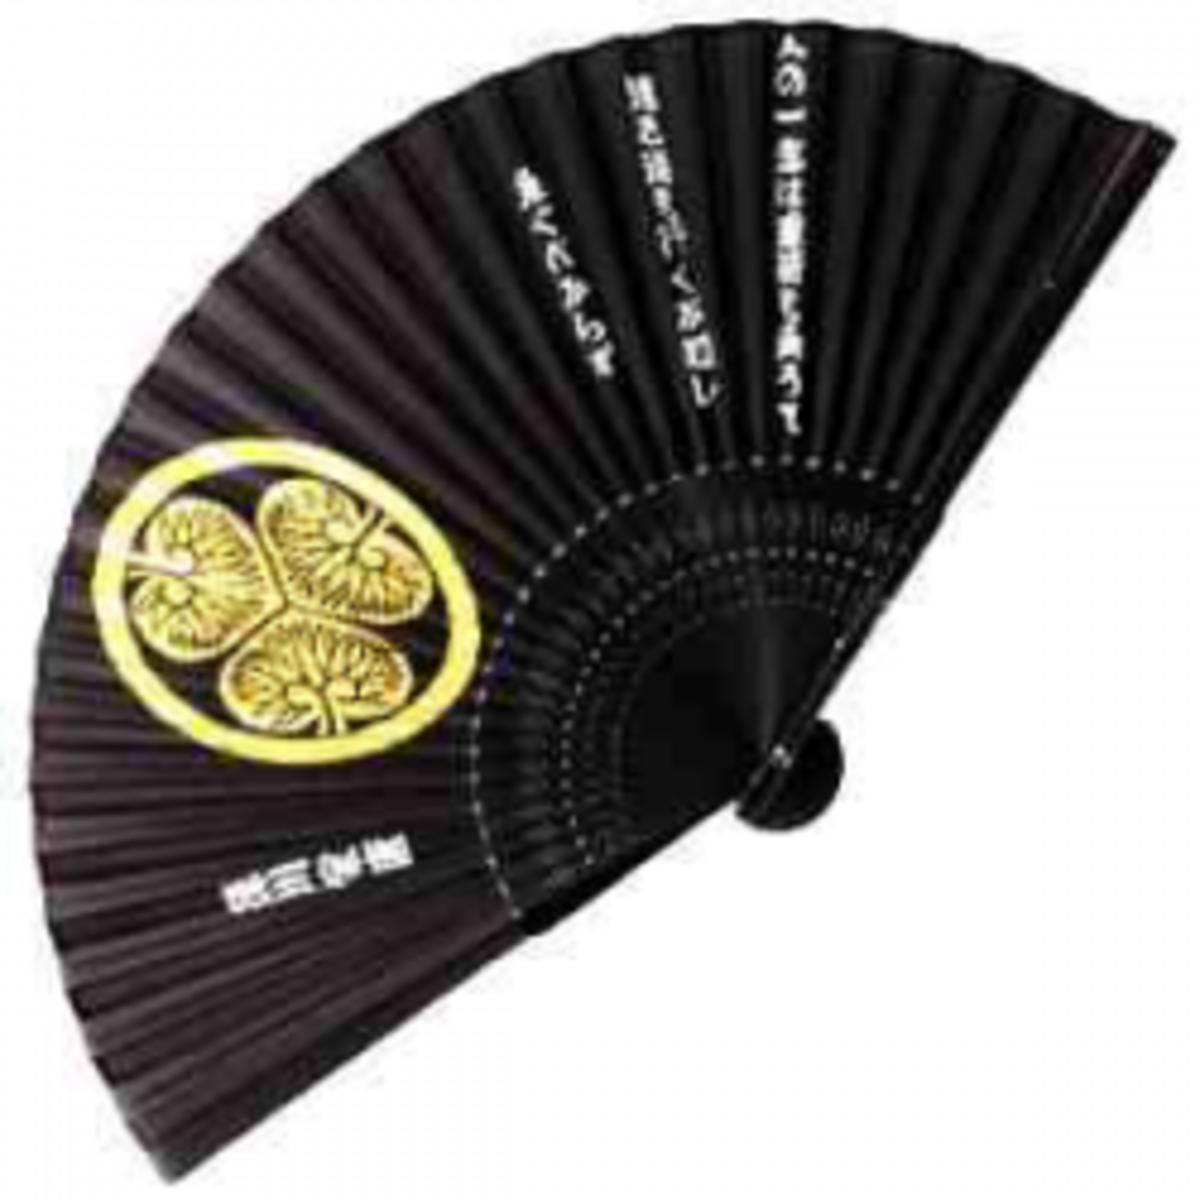 hand-fans-2